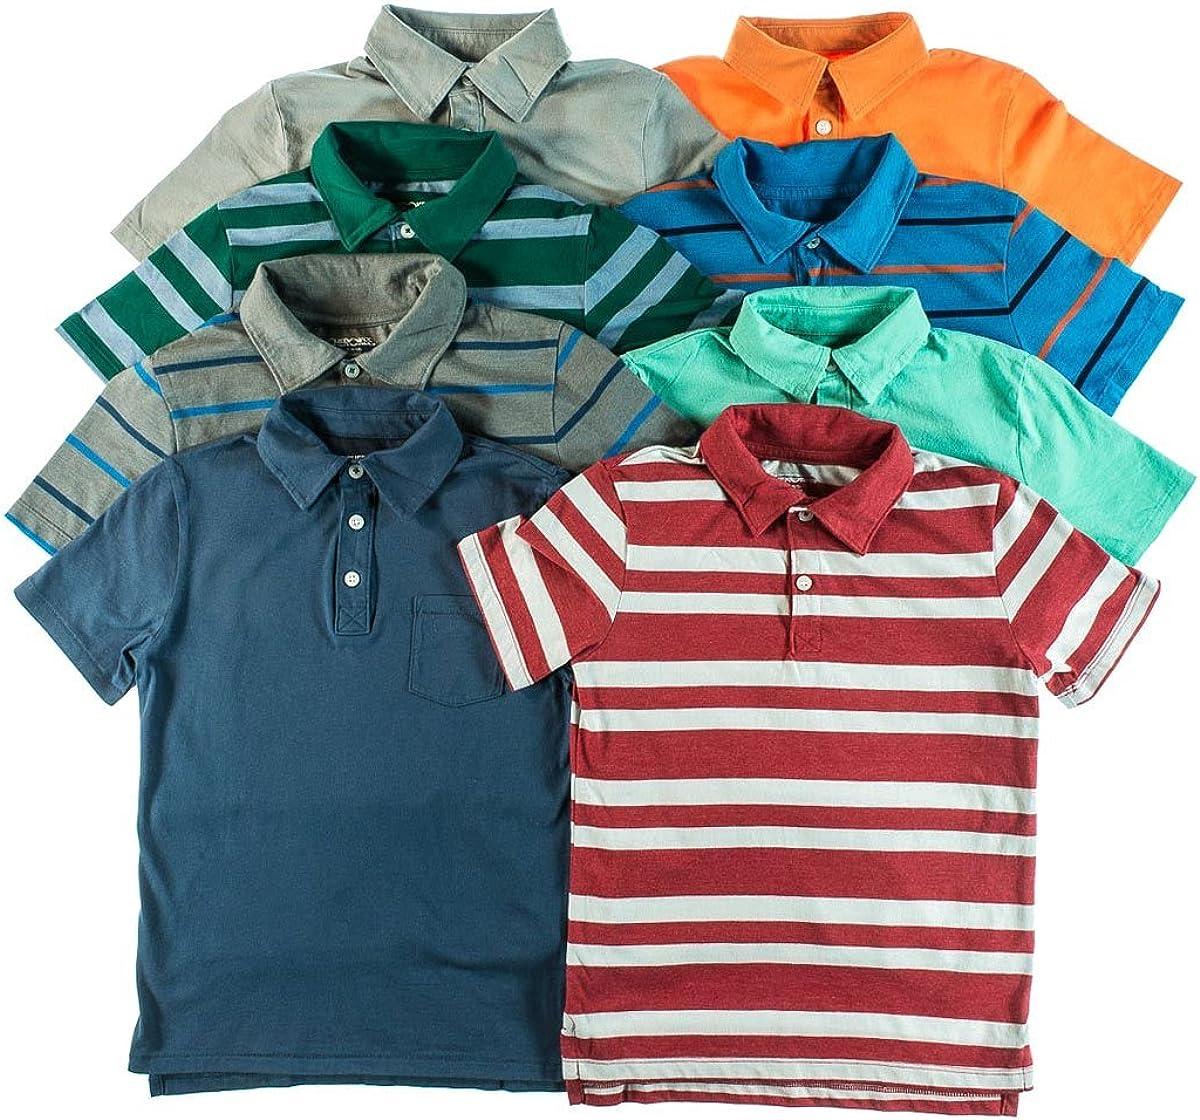 Cherokee Boys Peso ligero Knit Polo Camisas (2-Pack), varios colores: Amazon.es: Ropa y accesorios